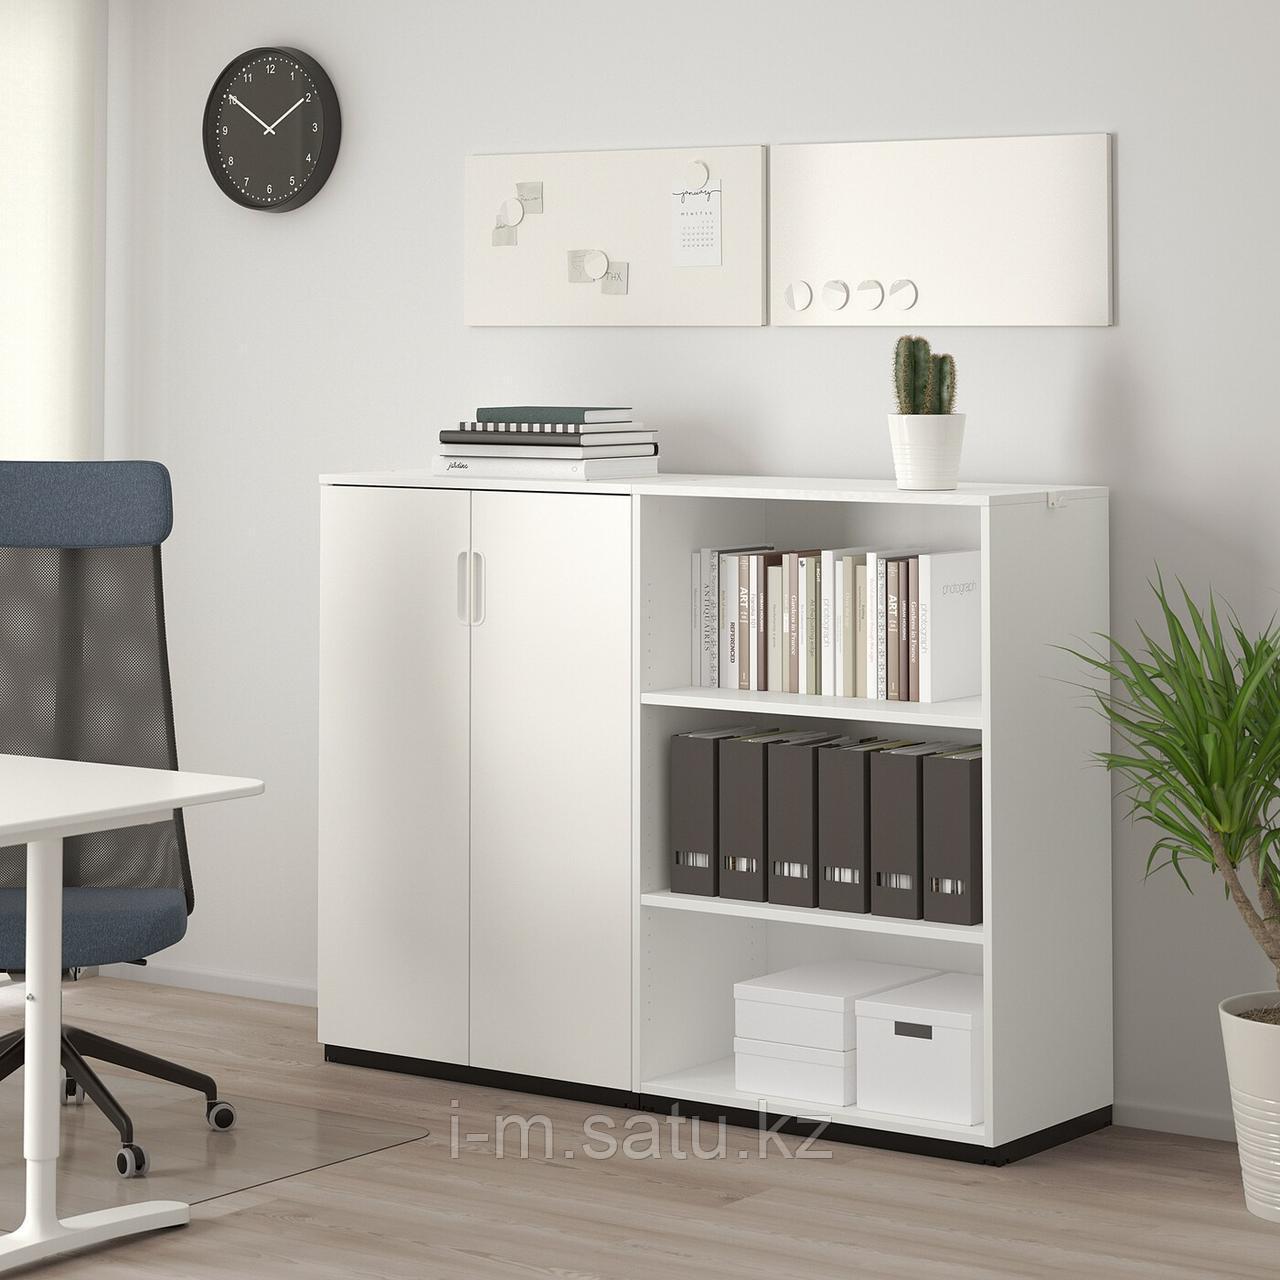 ГАЛАНТ Комбинация д/хранения, белый, 160x120 см